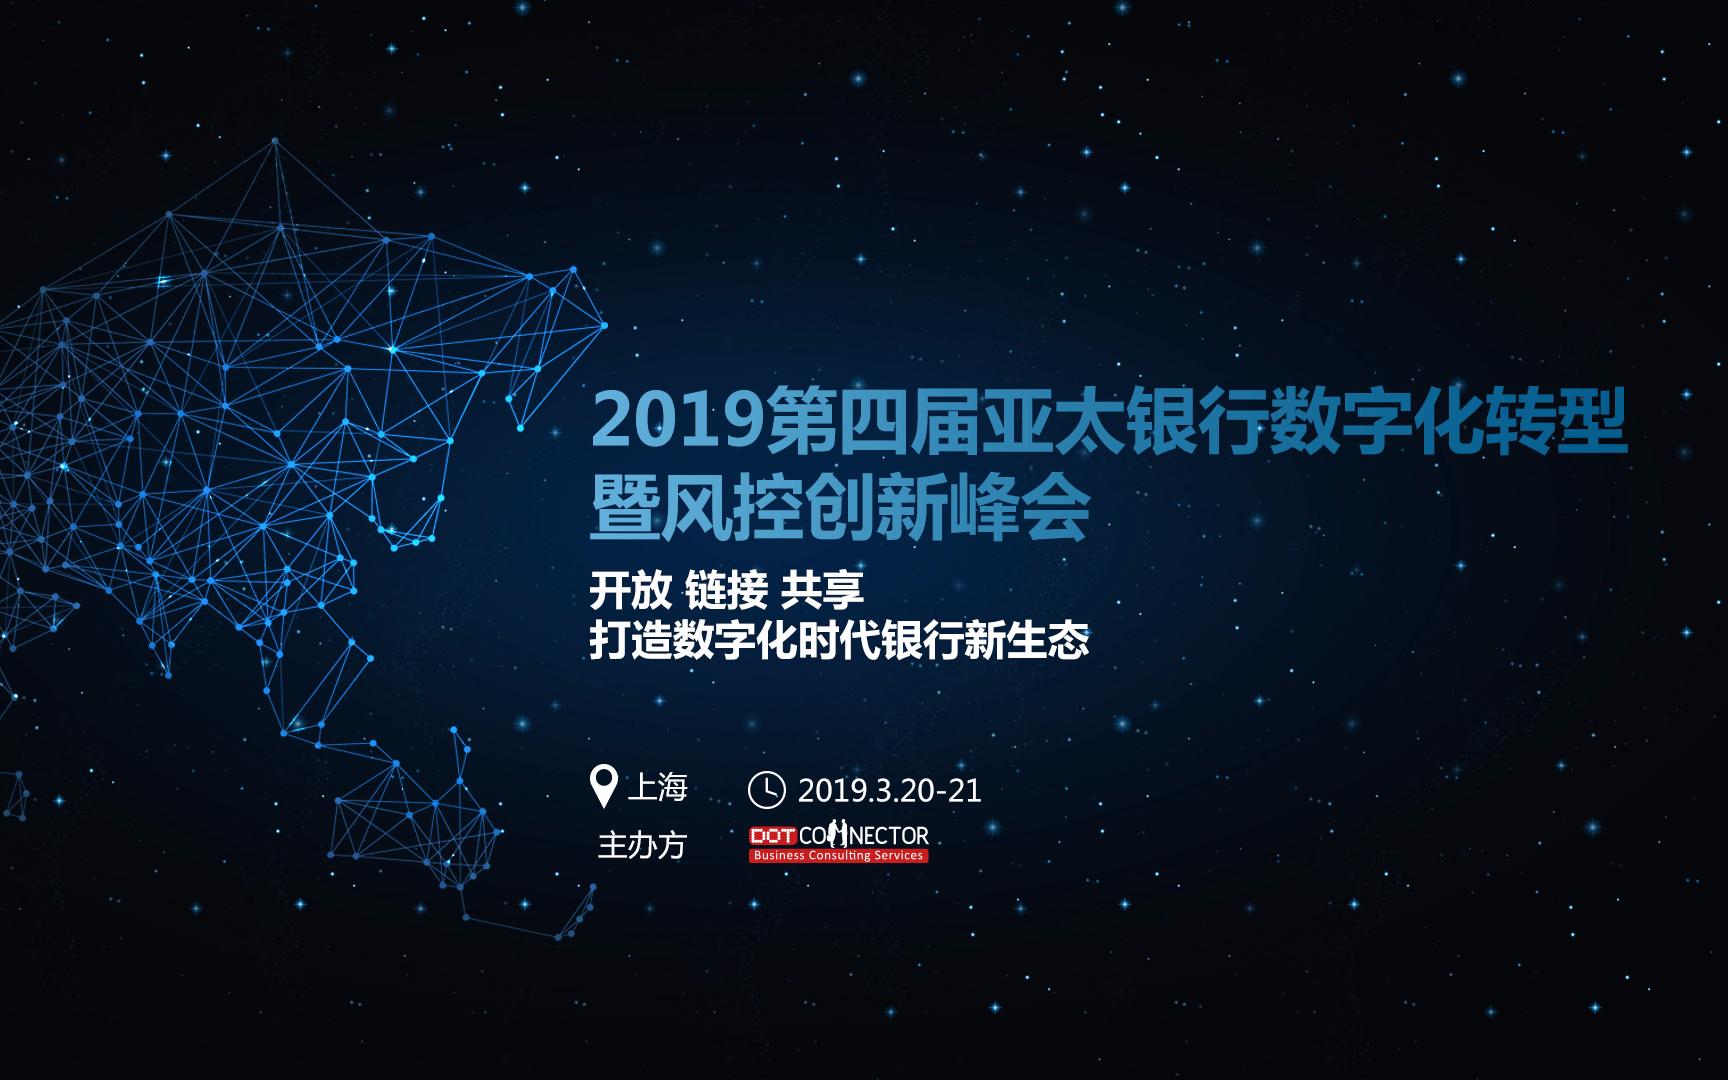 2019第四届亚太银行数字化转型暨风控创新大会(上海)